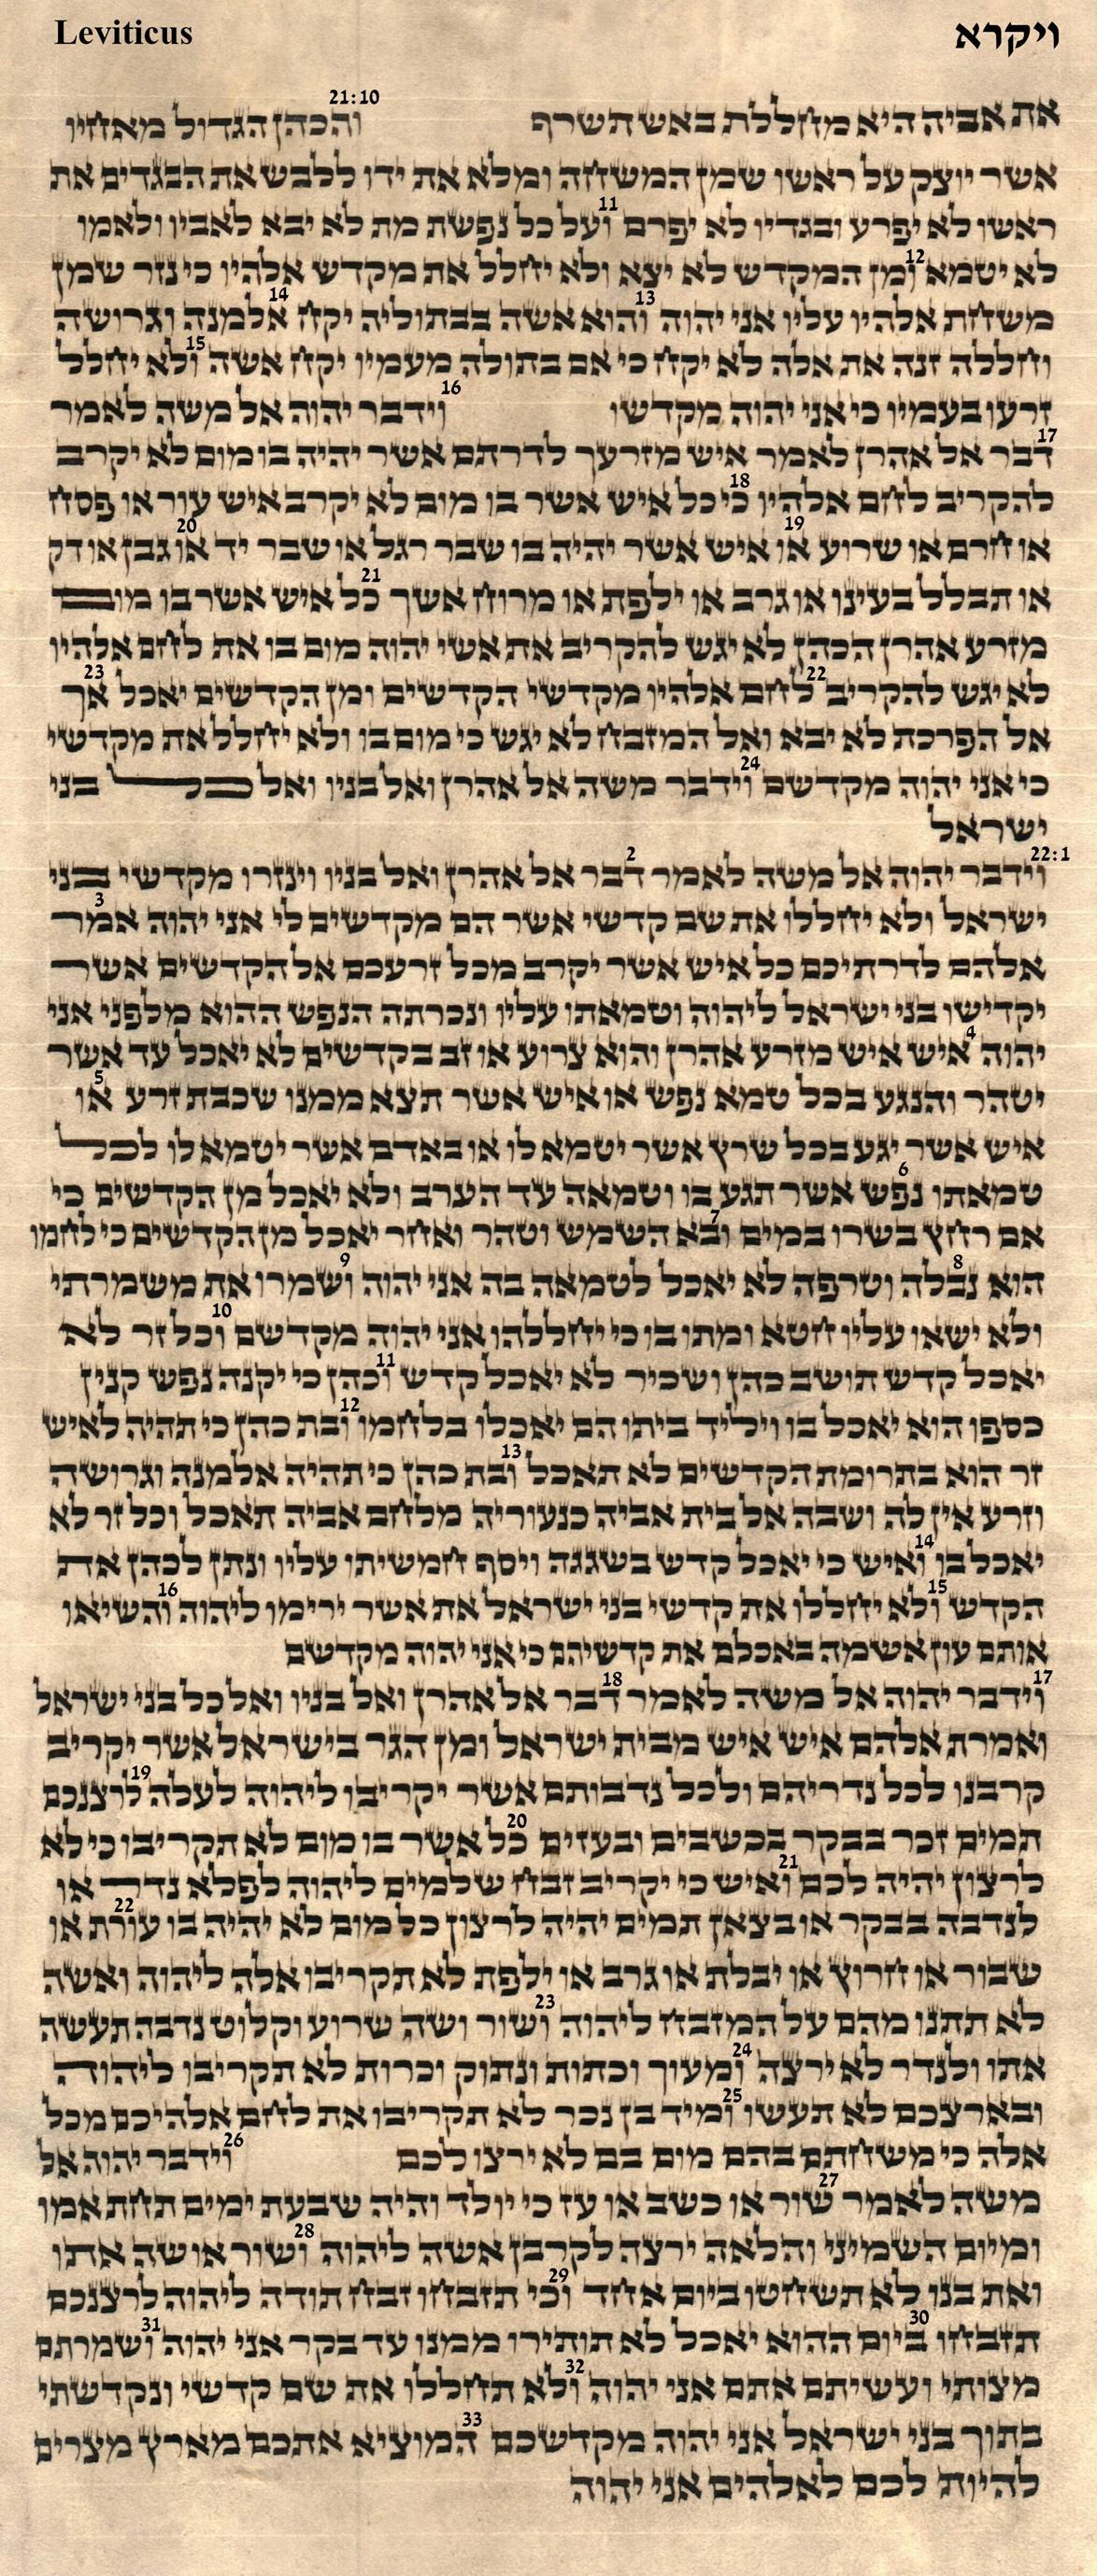 Leviticus 21.10 - 22.33